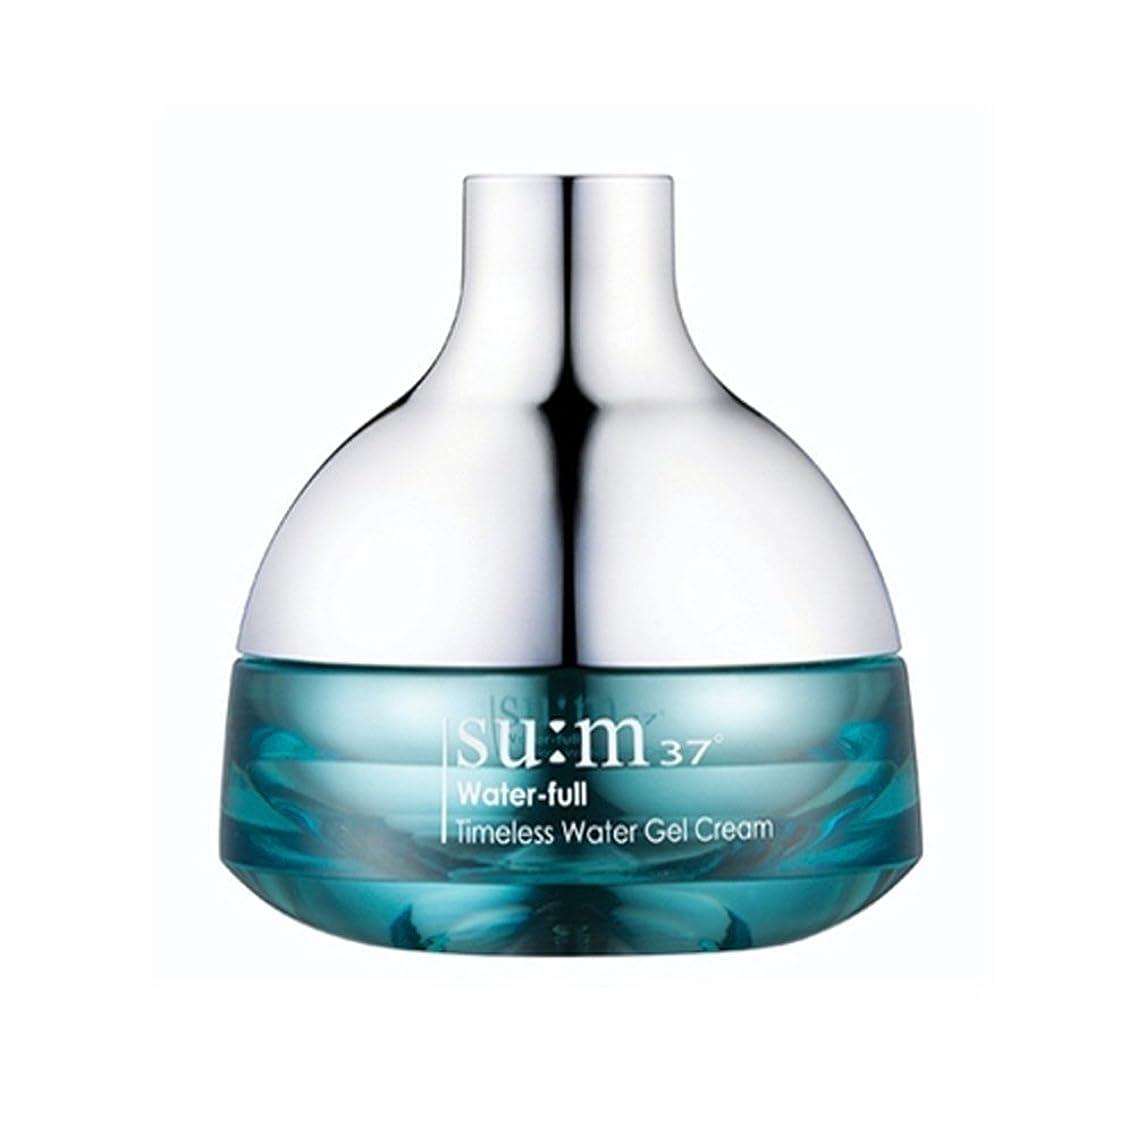 火薬分析的北へ[su:m37/スム37°] SUM37 Water-full Timeless Water Gel Cream 50ml/WF07 sum37 ウォータフル タイムレス ウォータージェルクリーム 50ml +[Sample Gift](海外直送品)